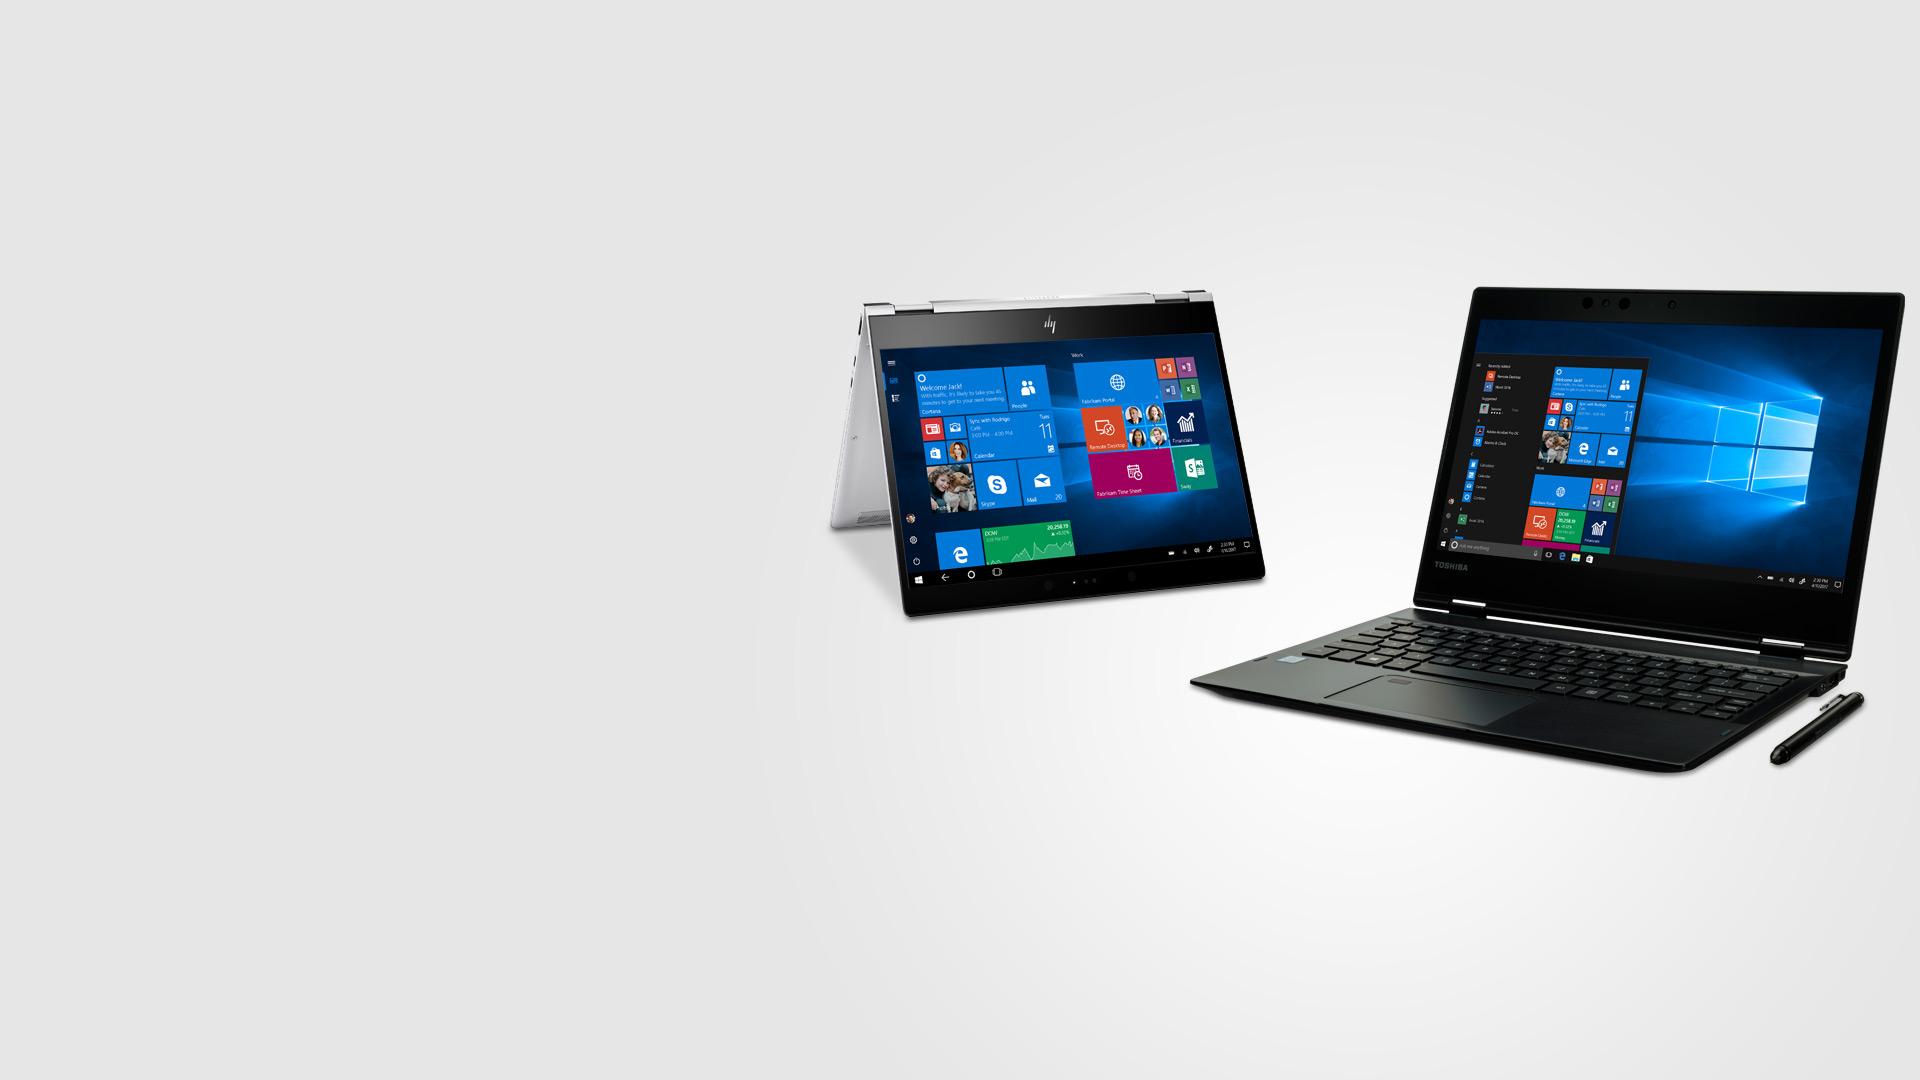 2 ноутбука линейки Windows 10 Pro используются в разных случаях